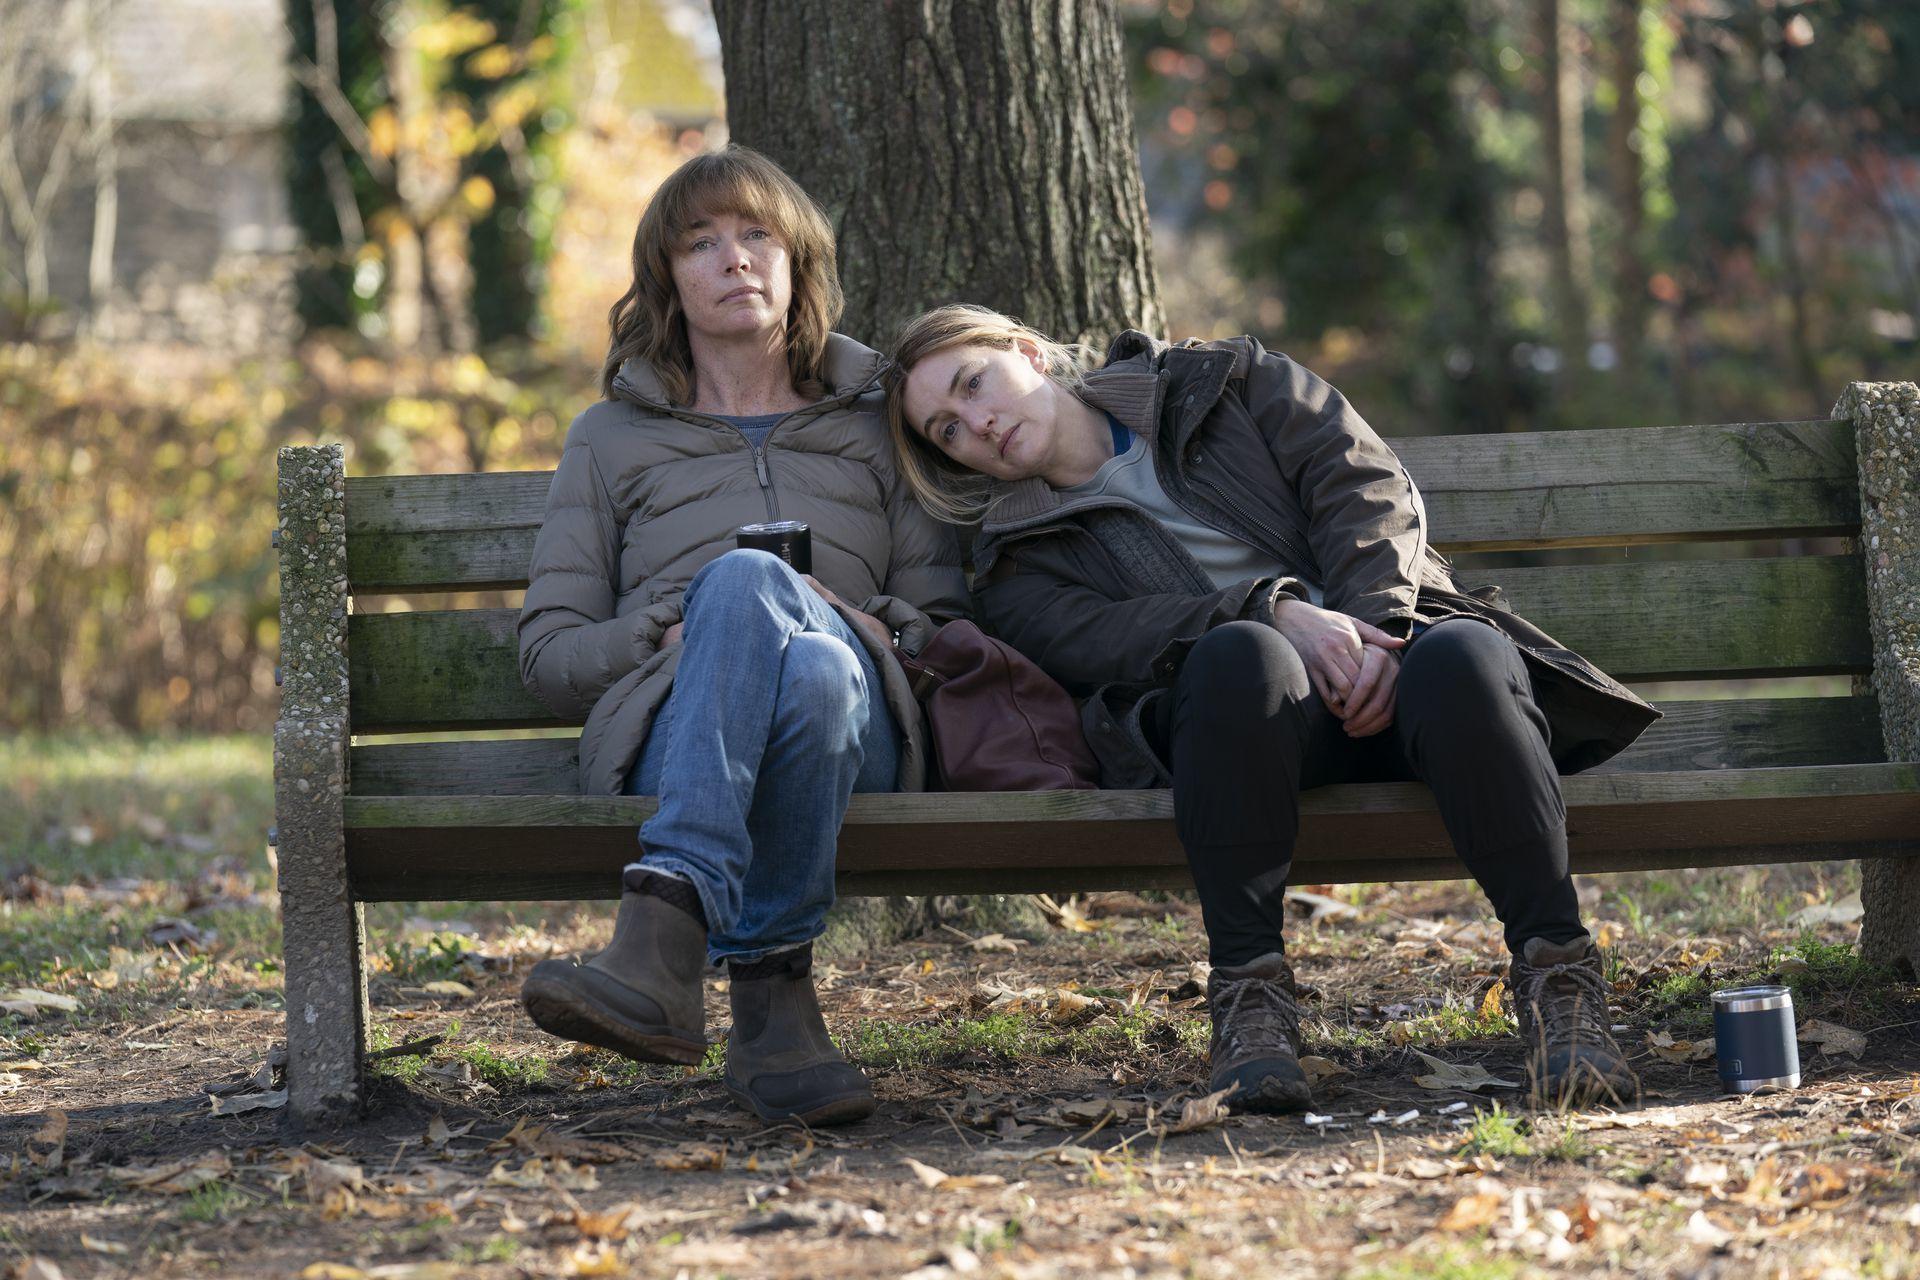 A imagem é uma cena da série Mare of Easttown. Nela, Julianne Nicholson, que interpreta Lori, está sentada em um banco em um bosque ao lado de Kate Winslet, que interpreta Mare. Lori é uma mulher branca, de cabelos castanhos claros na altura dos ombros e com franja, ela veste um casaco cinza, calças jeans e botas marrons. Mare, que está com a cabeça apoiada no ombro esquerdo de Lori, é uma mulher branca, de cabelos loiros presos em um rabo de cavalo baixo, ela veste uma blusa cinza, uma jaqueta preta, calça legging preta e tênis marrons.